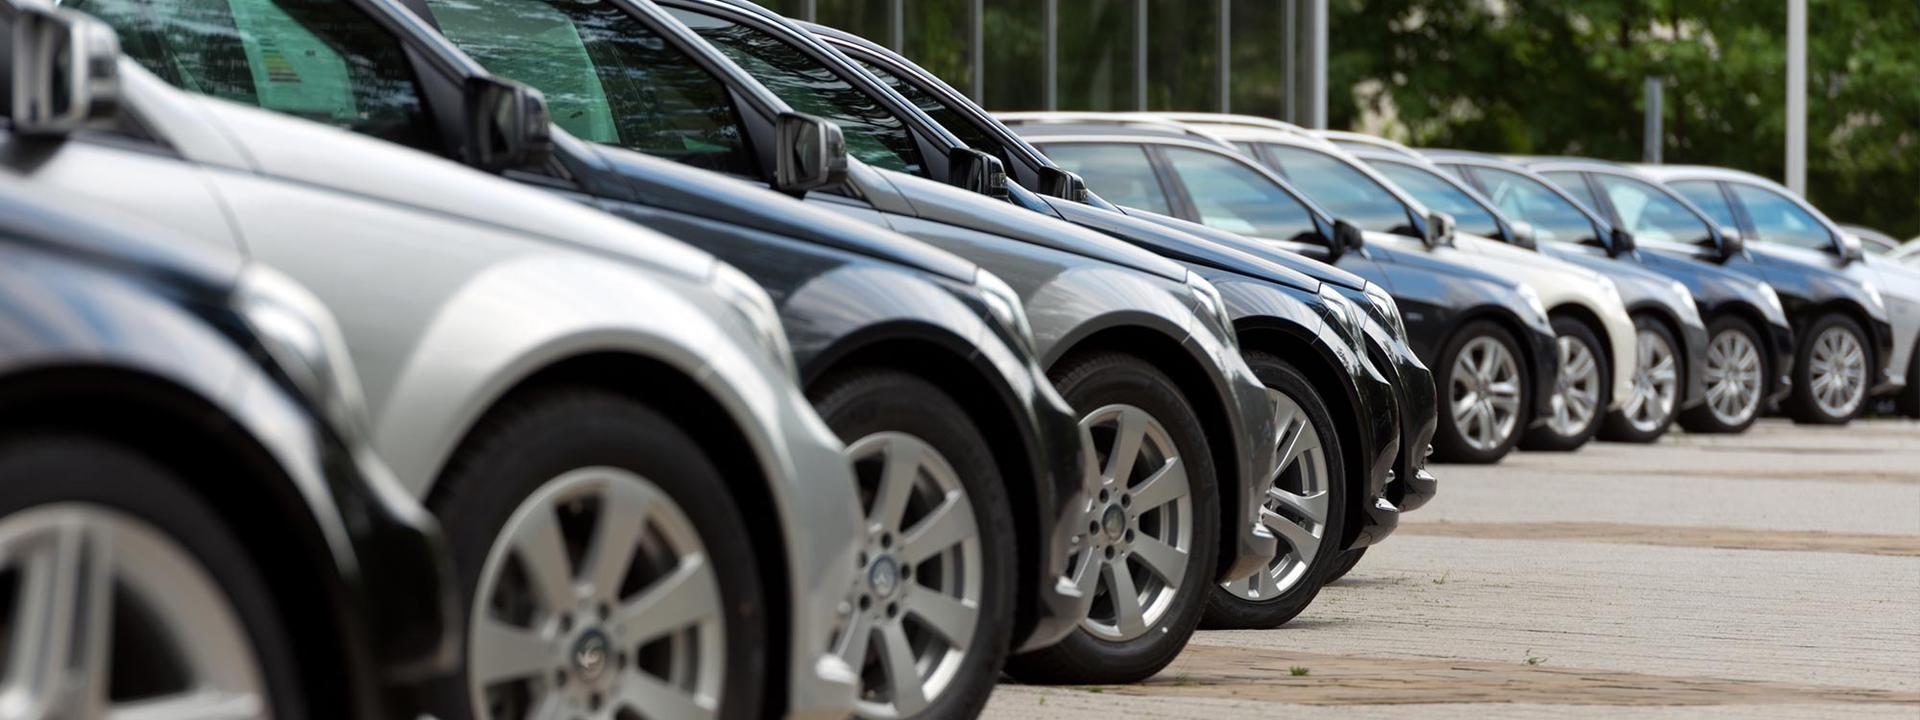 Auto-Reimporte -  GÜNSTIGES TRAUMAUTO DANK EU REIMPORT